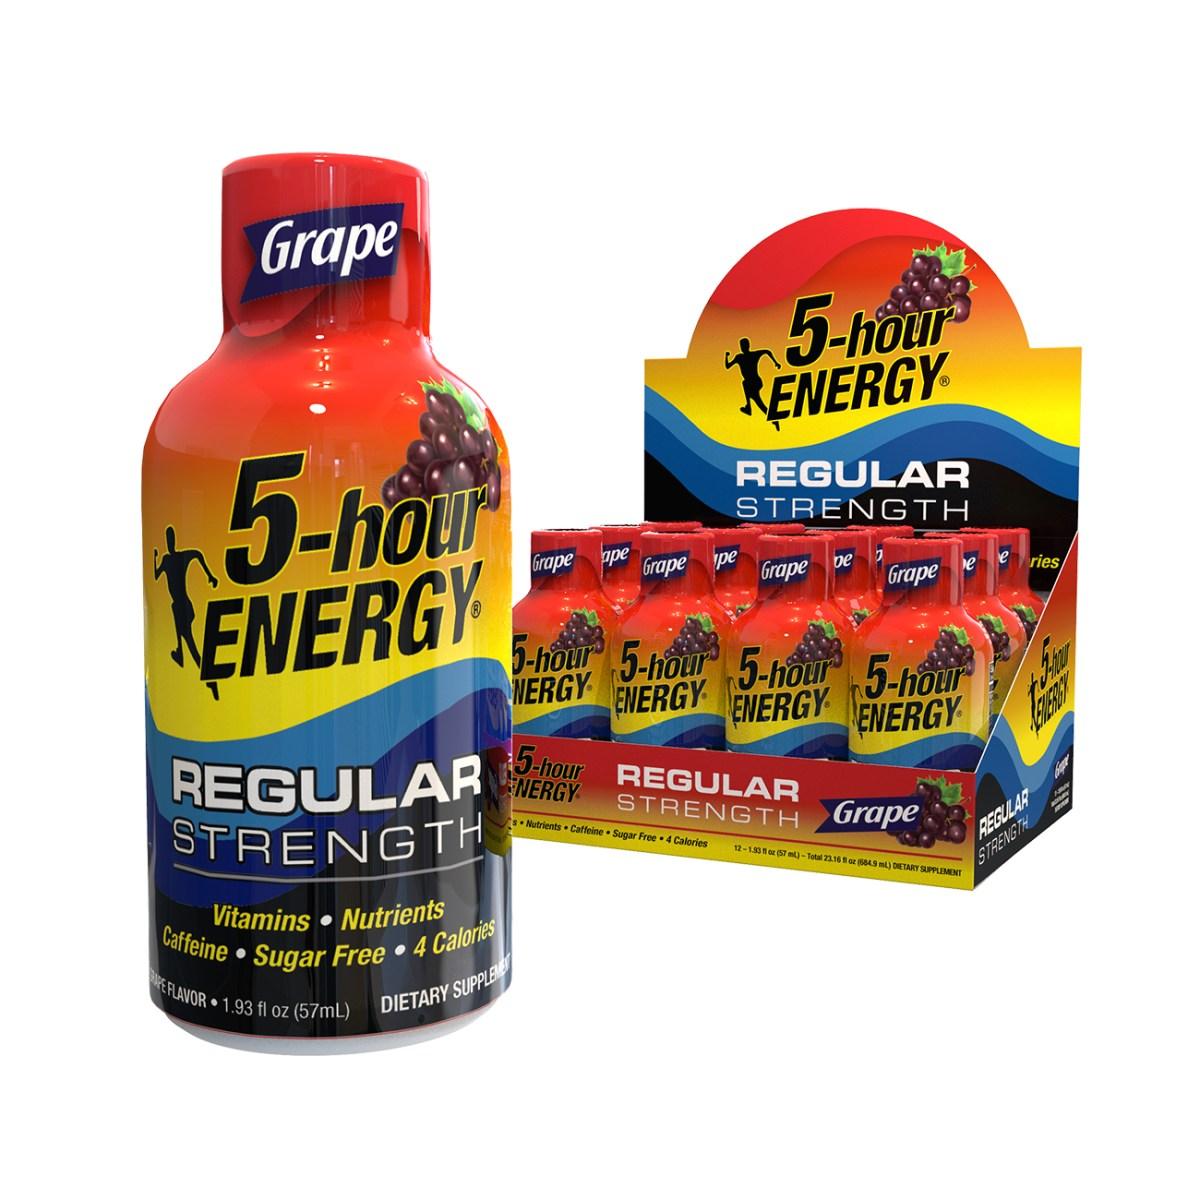 Grape flavor Regular Strength 5-hour ENERGY® Shots